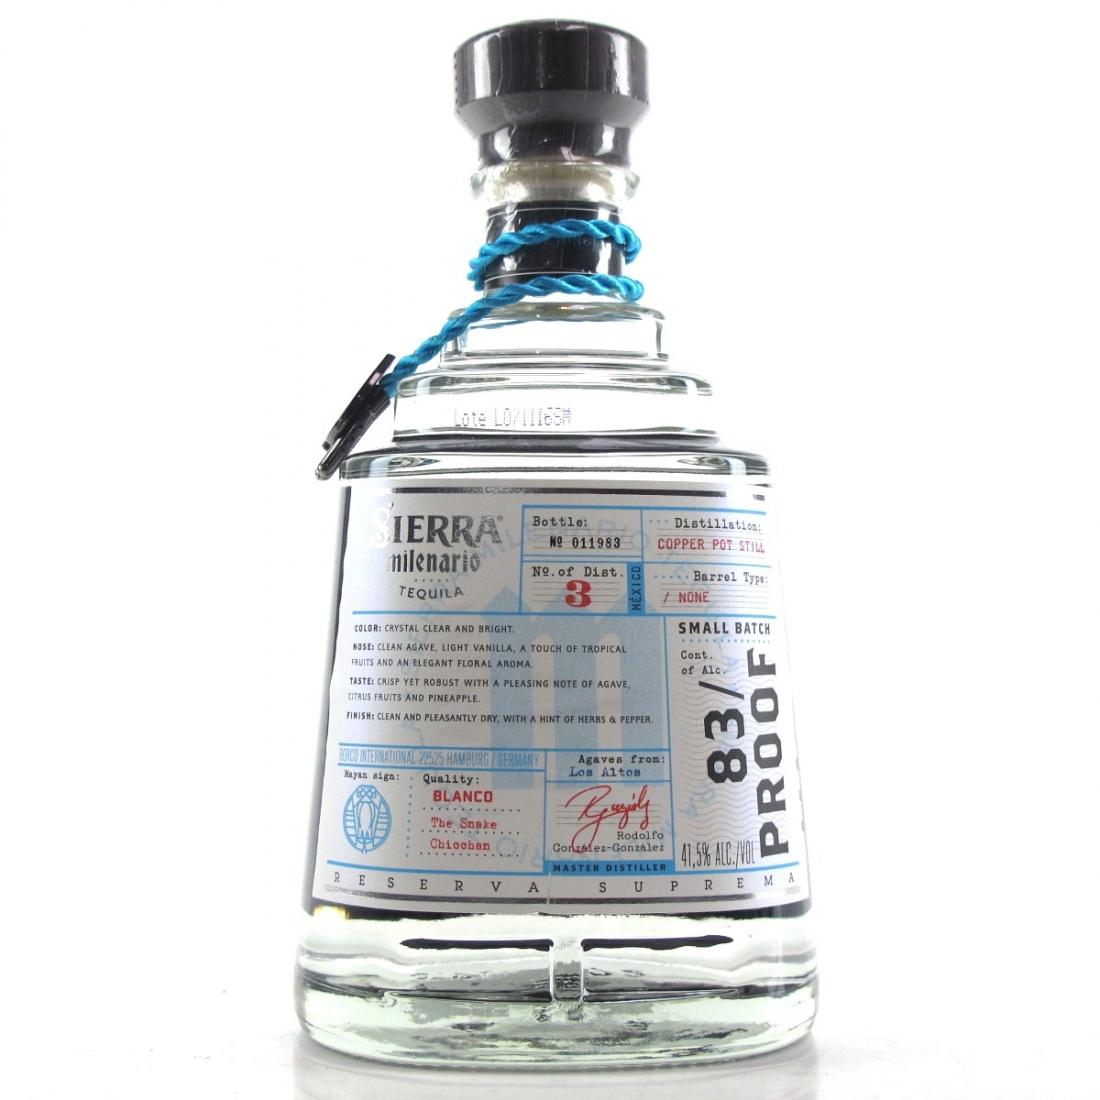 Sierra Milenario Tequila Blanco